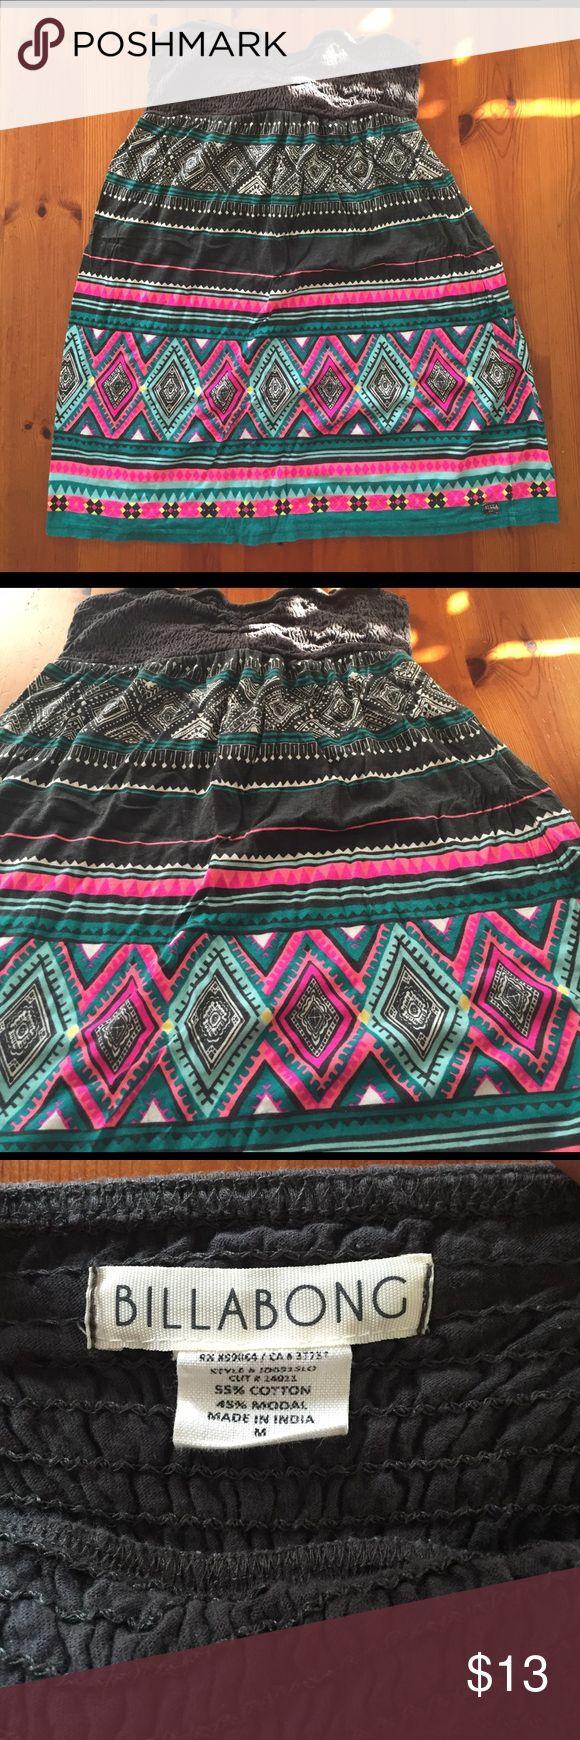 Billabong strapless summer tribal Aztec dress Billabong tribal Aztec print summer beach dress! Super cute, super comfortable! Billabong Dresses Strapless